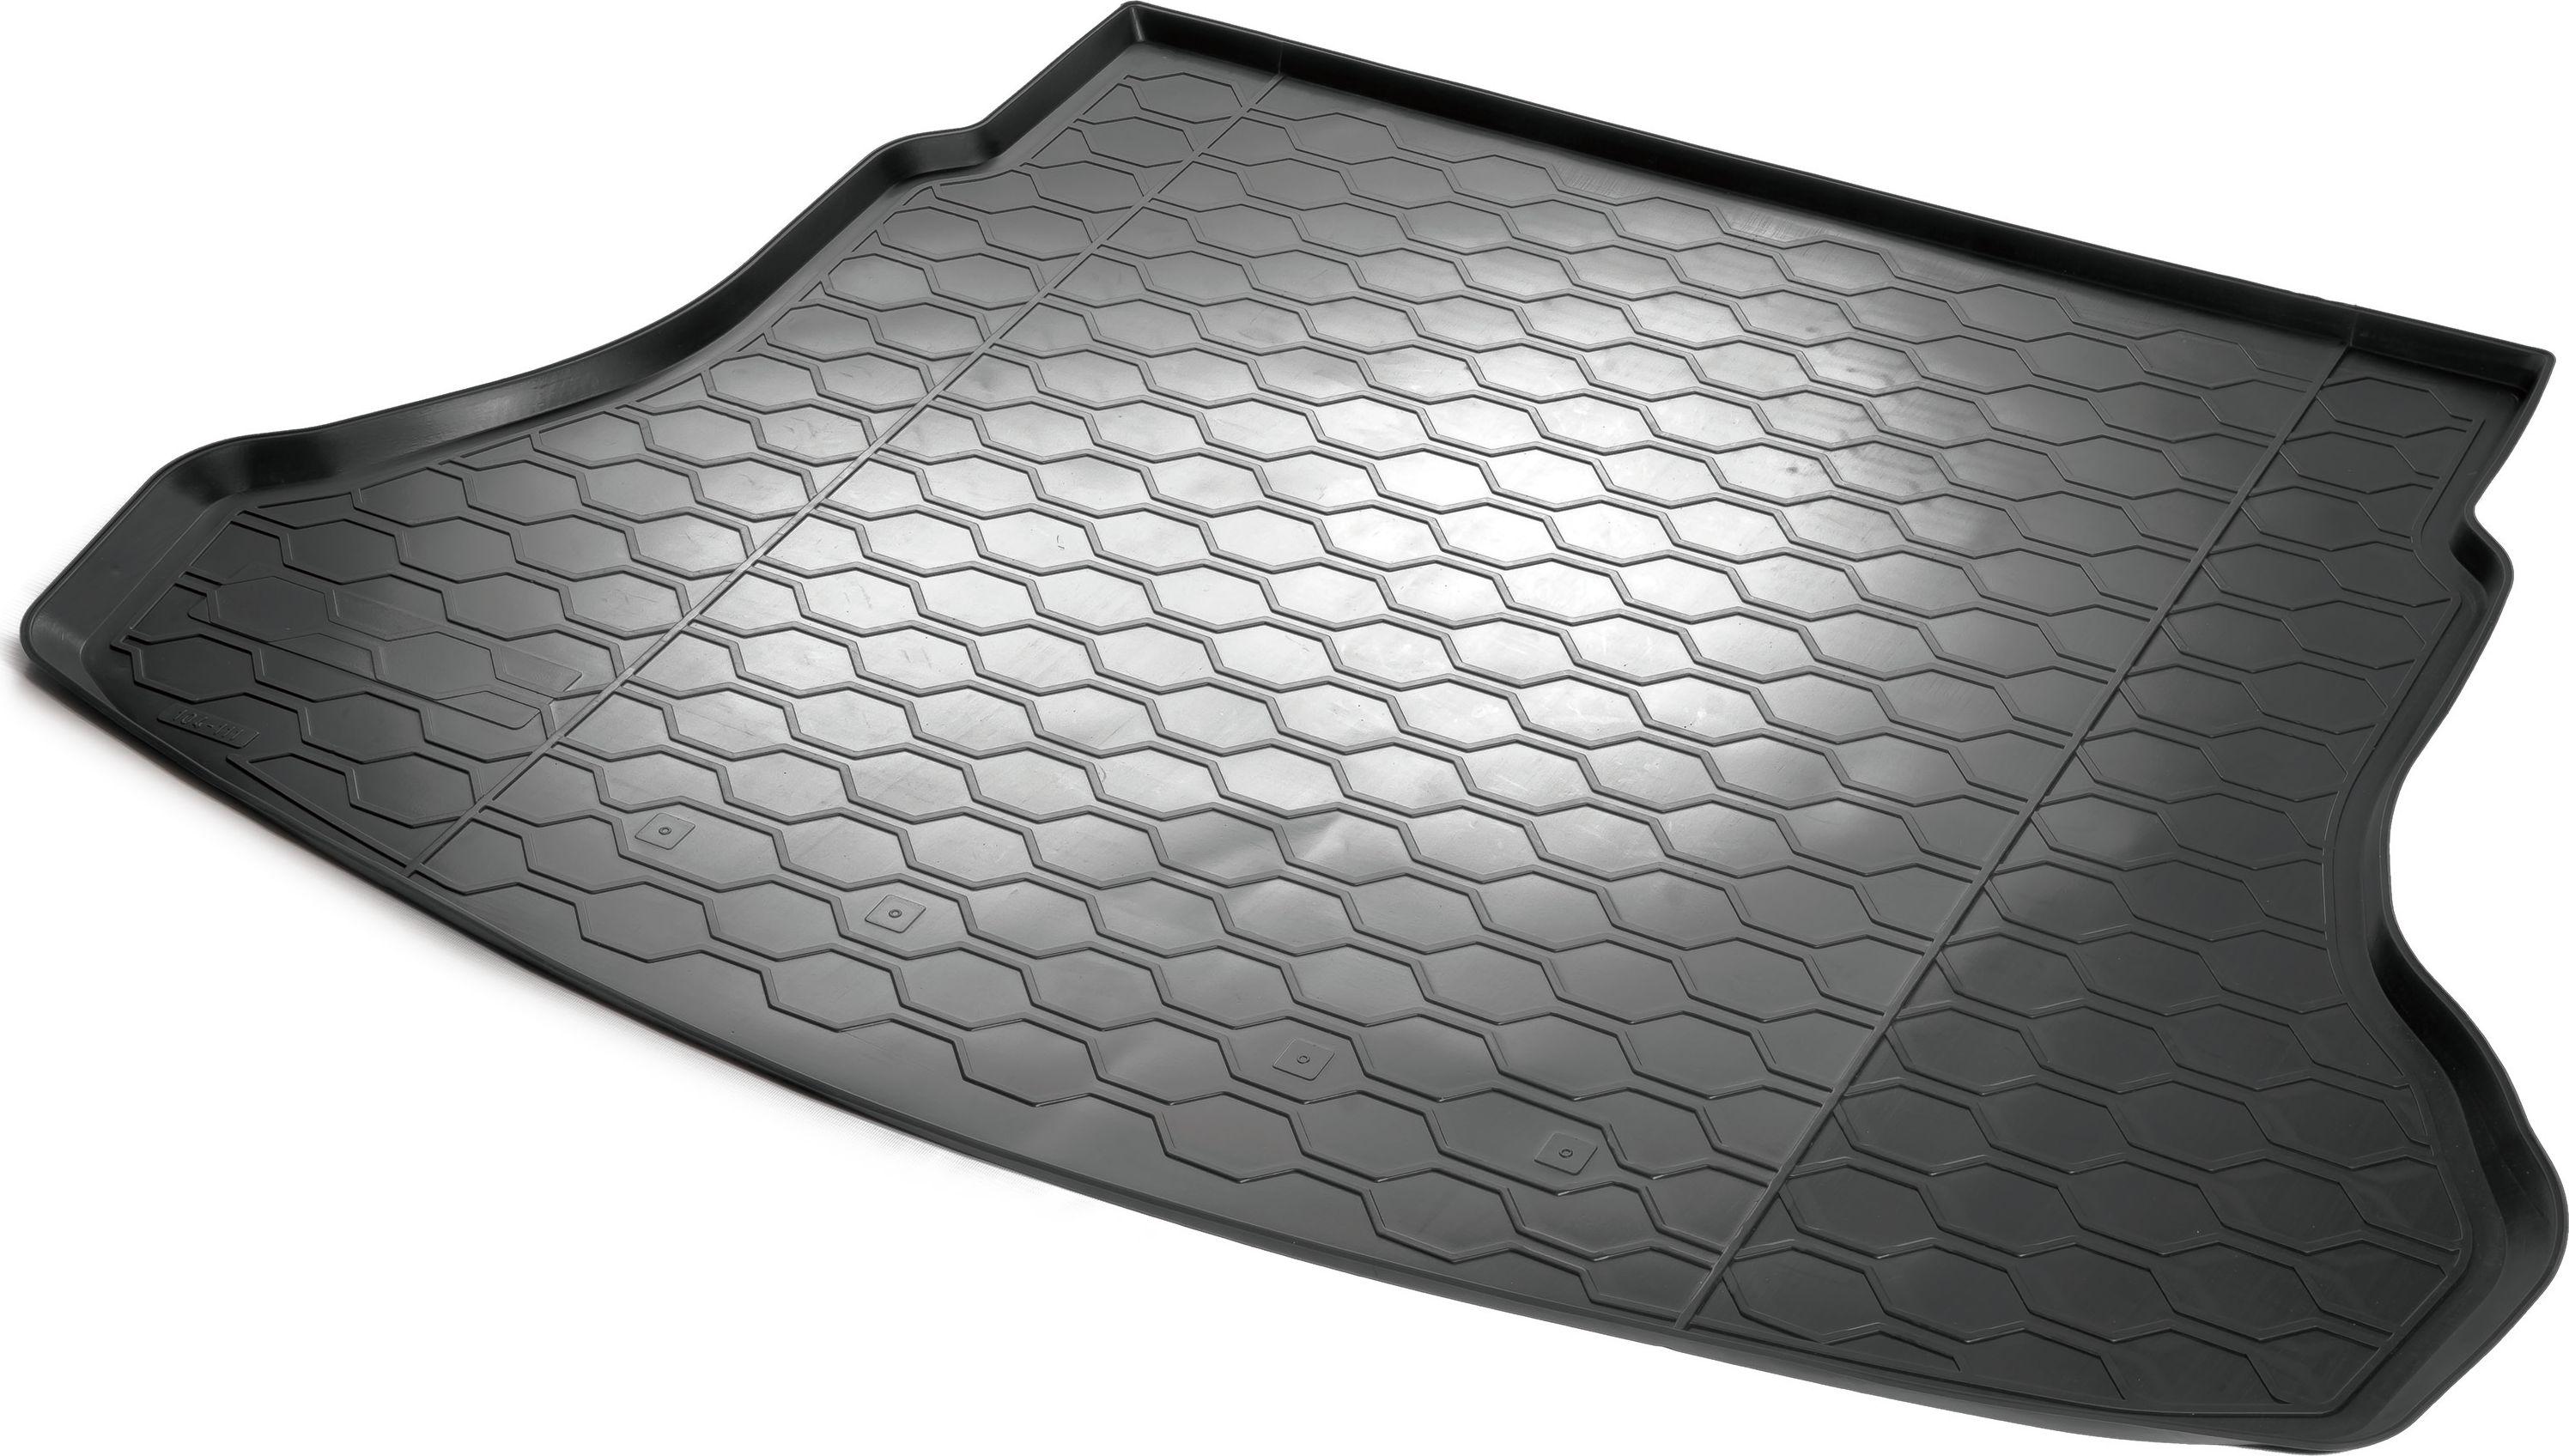 Коврик багажника Rival для Hyundai Solaris (SD) 2017-, полиуретан0012305008Коврик багажника Rival позволяет надежно защитить и сохранить от грязи багажный отсек вашего автомобиля на протяжении всего срока эксплуатации, полностью повторяют геометрию багажника. - Высокий борт специальной конструкции препятствует попаданию разлившейся жидкости и грязи на внутреннюю отделку. - Произведены из первичных материалов, в результате чего отсутствует неприятный запах в салоне автомобиля. - Рисунок обеспечивает противоскользящую поверхность, благодаря которой перевозимые предметы не перекатываются в багажном отделении, а остаются на своих местах. - Высокая эластичность, можно беспрепятственно эксплуатировать при температуре от -45 ?C до +45 ?C. - Изготовлены из высококачественного и экологичного материала, не подверженного воздействию кислот, щелочей и нефтепродуктов. Уважаемые клиенты! Обращаем ваше внимание, что коврик имеет форму соответствующую модели данного автомобиля. Фото служит для визуального восприятия товара.